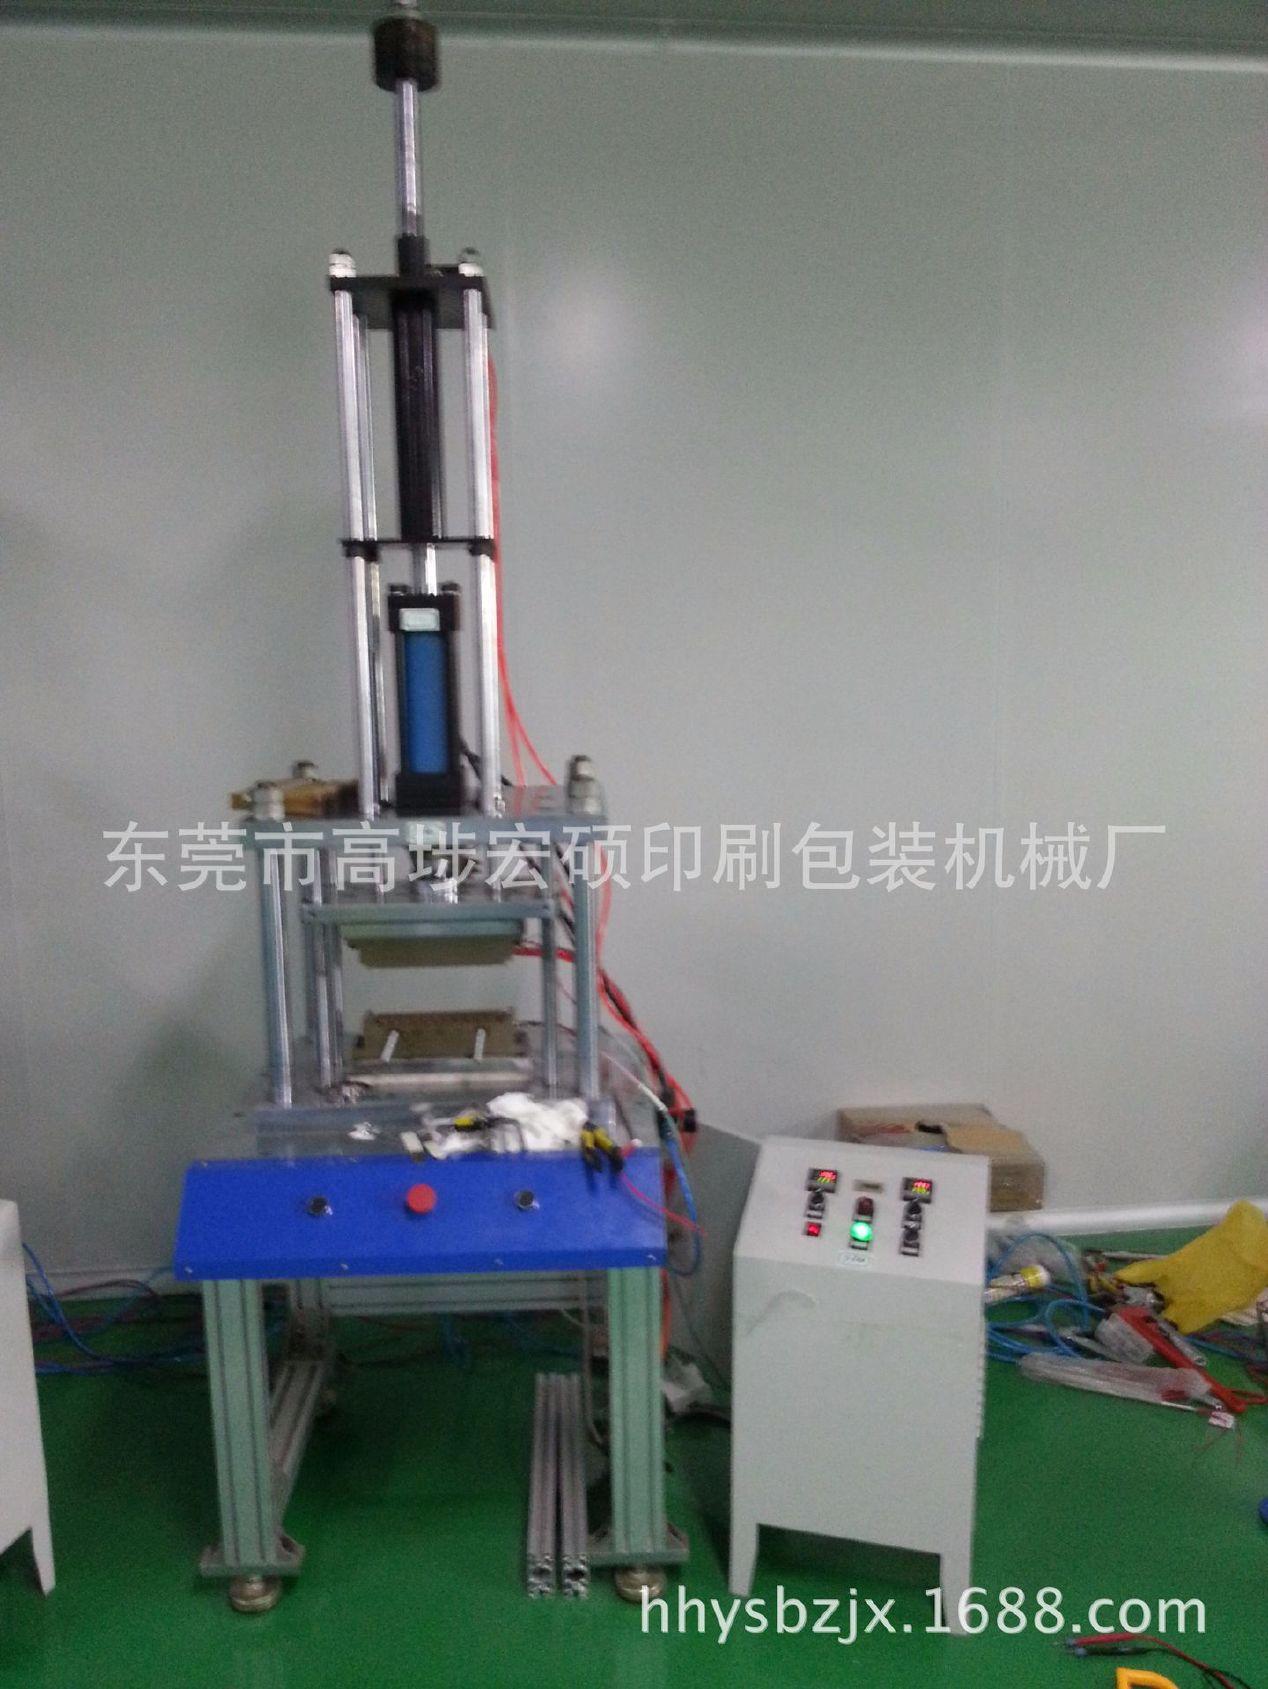 大量供应 精密自动棉签机 单支单头棉签机 高速棉签真空机图片